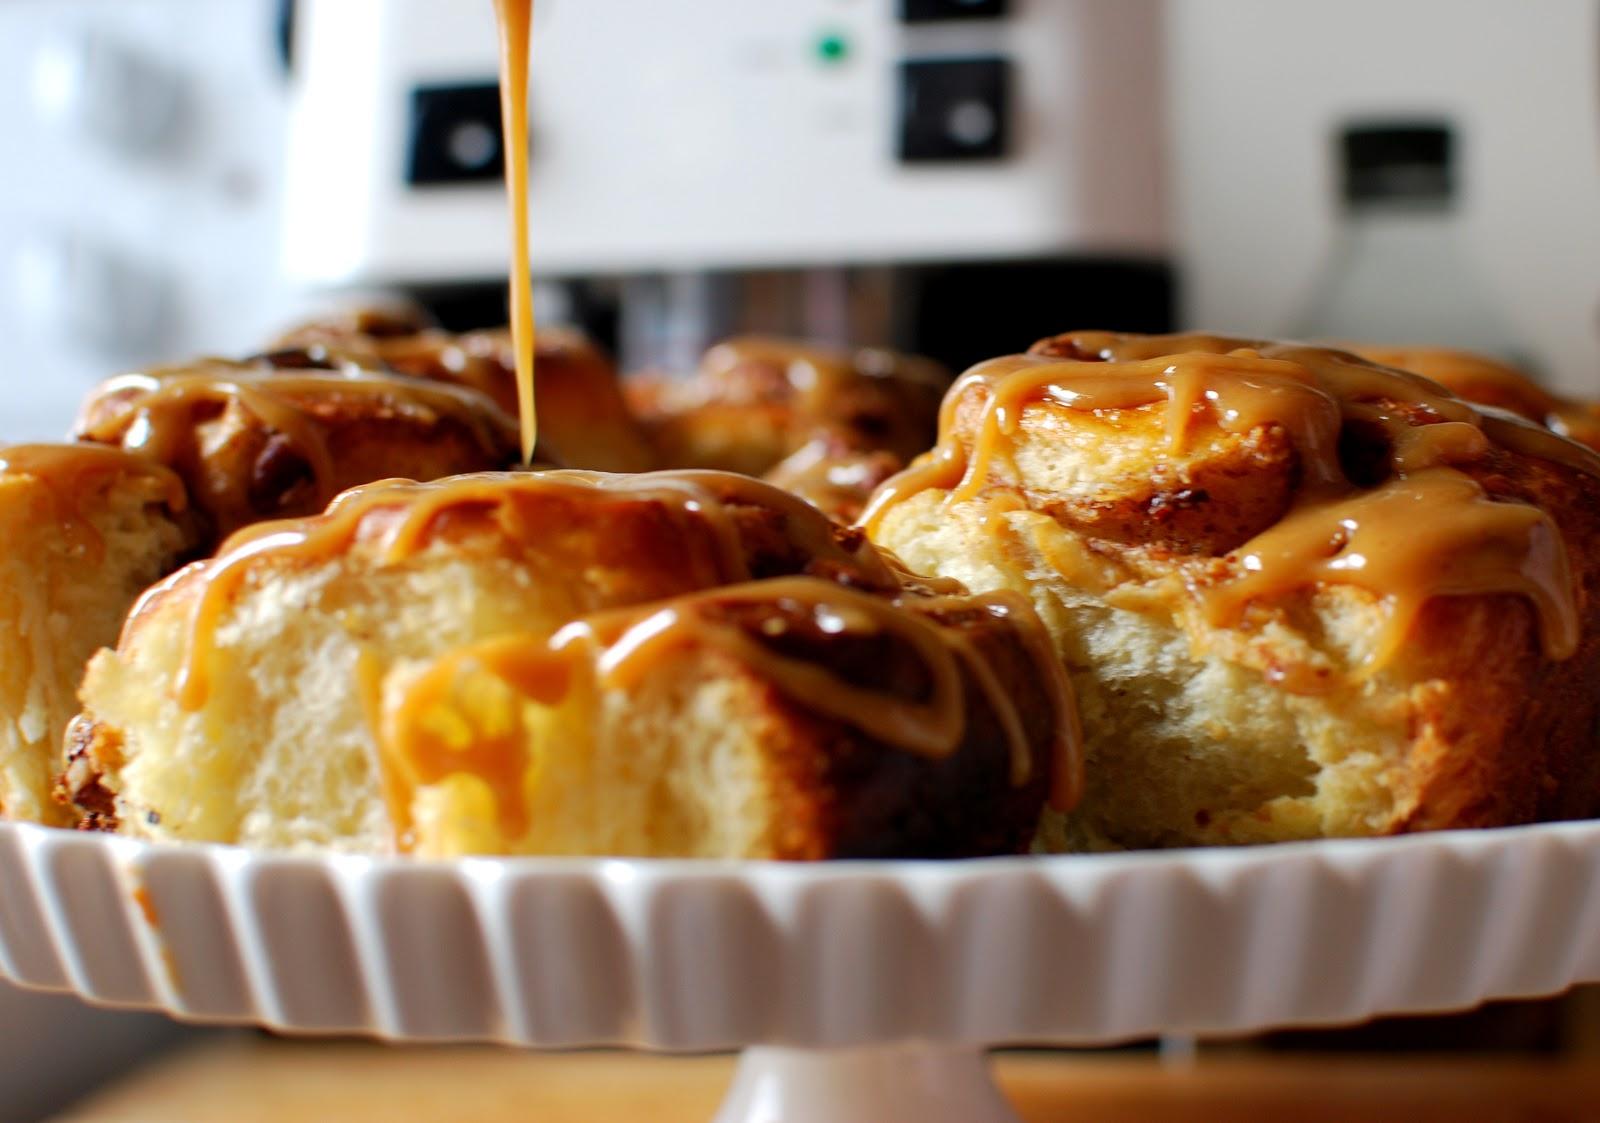 The Kitchen Boudoir: Caramel & Pecan Sticky Buns